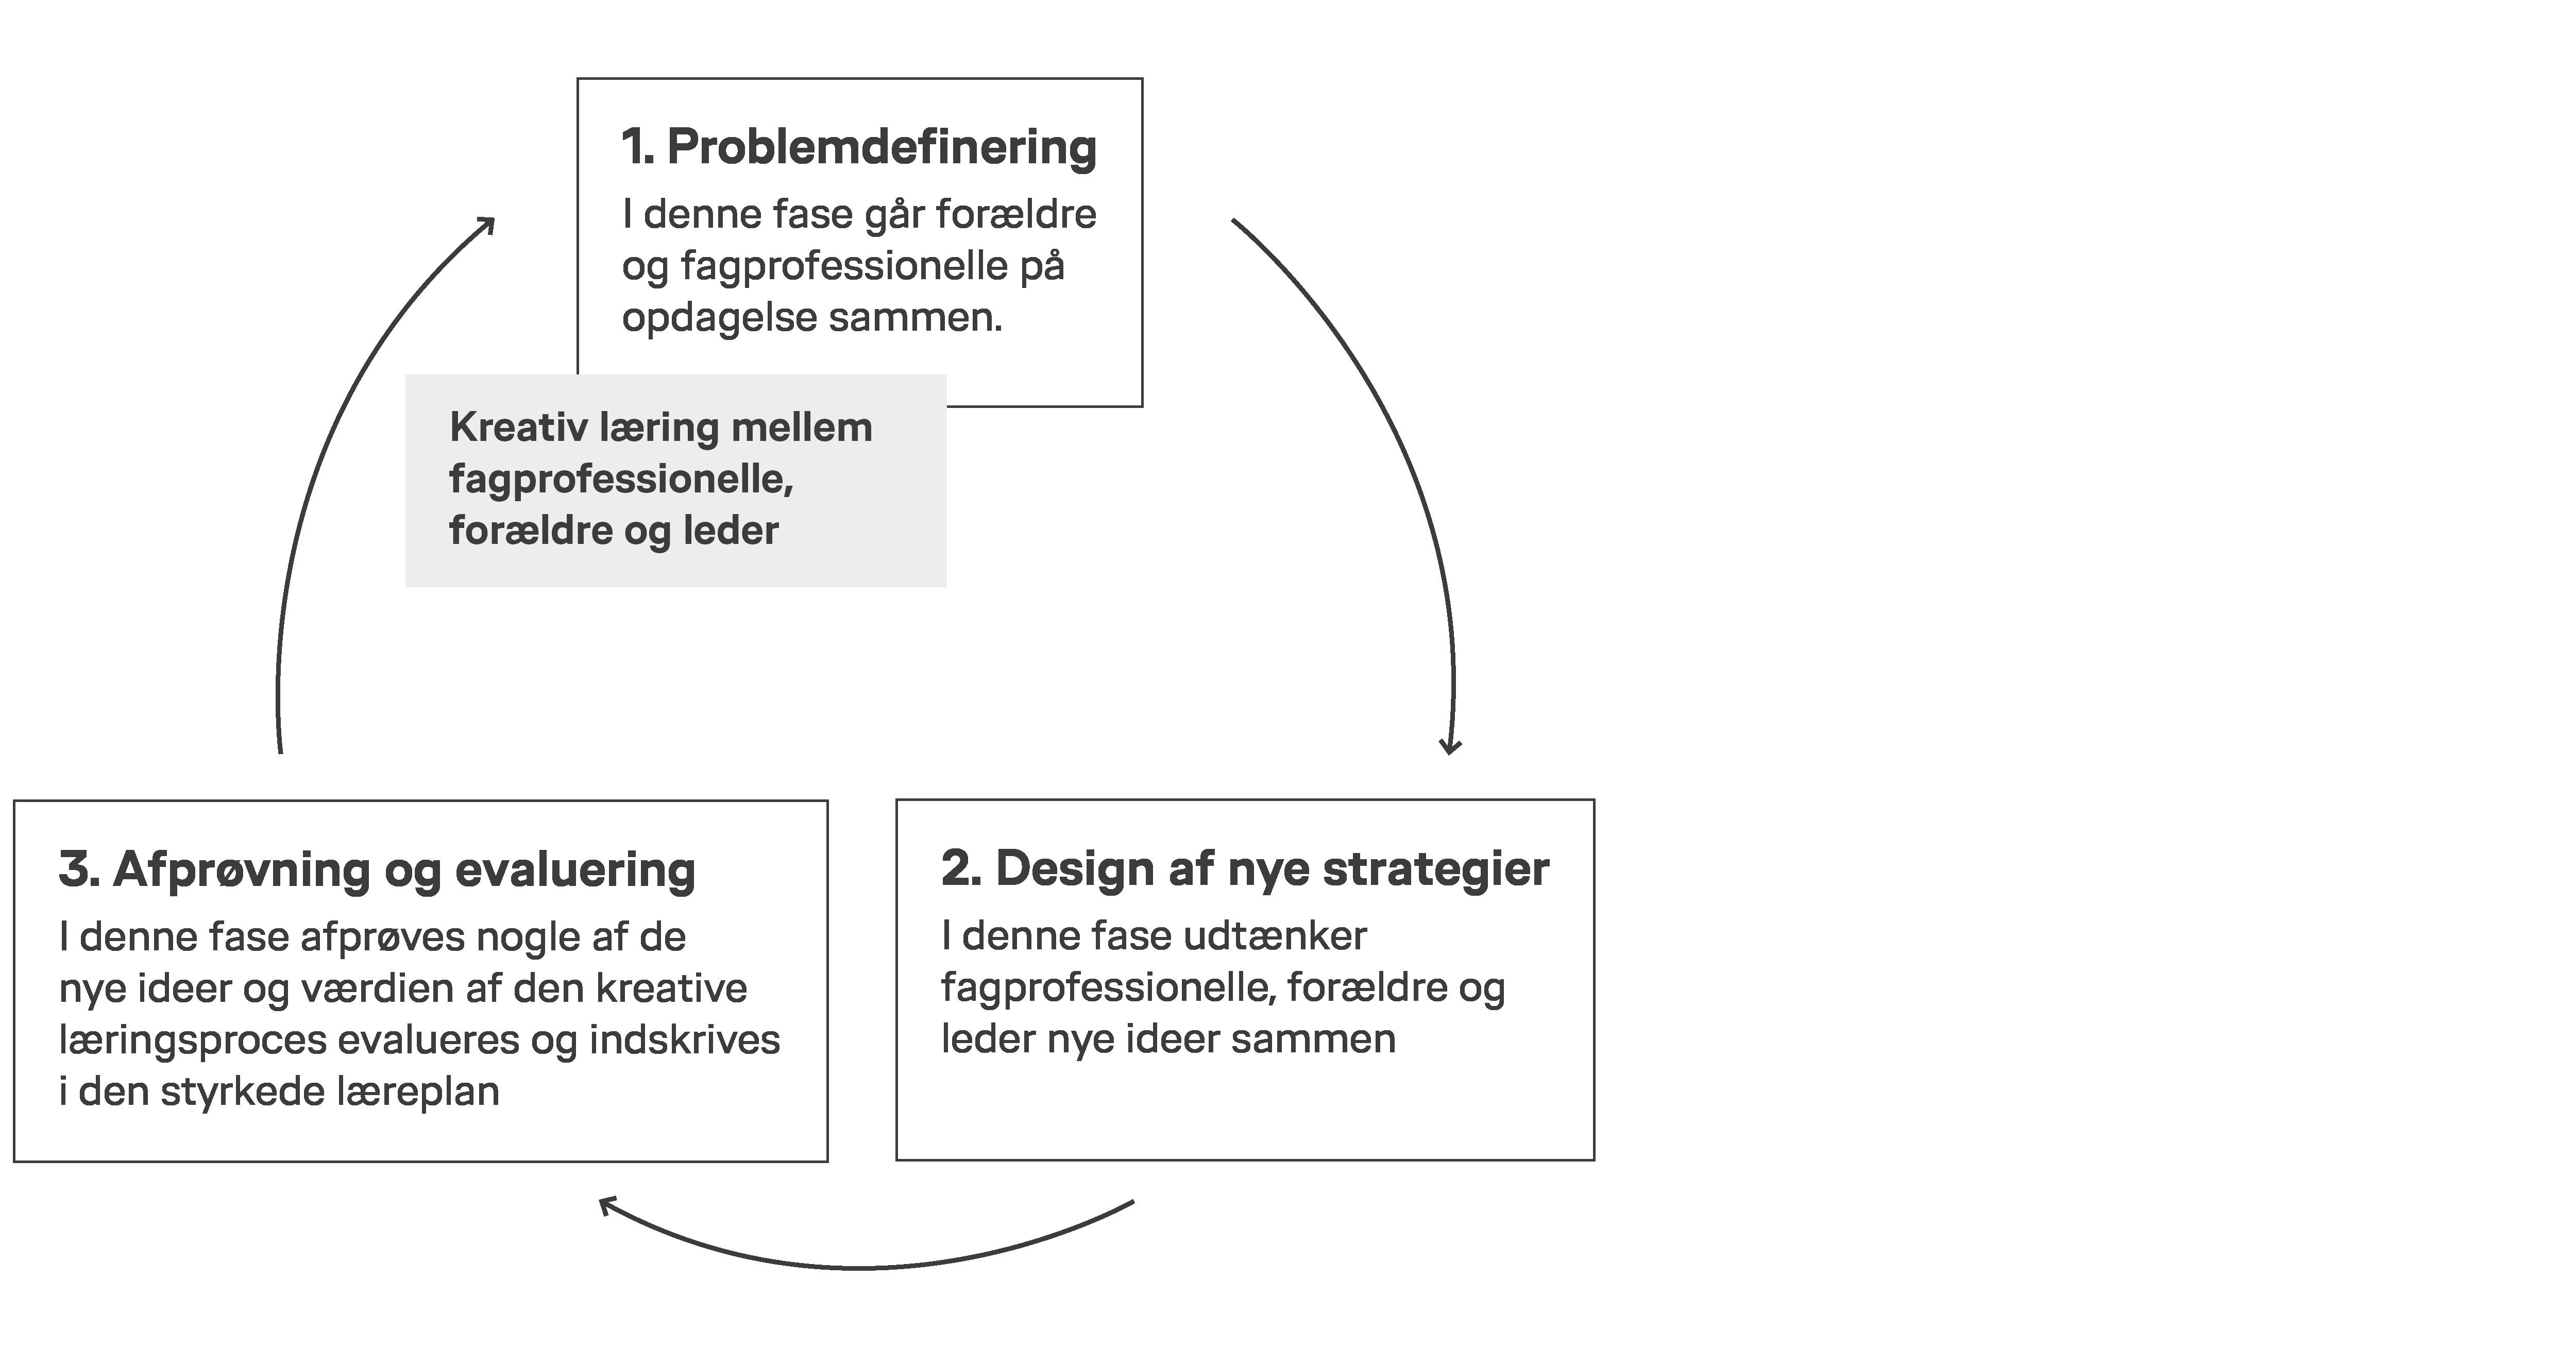 Model: Udvikling af læringsfællesskaber i dagtilbud – et nyt samarbejde med forældre